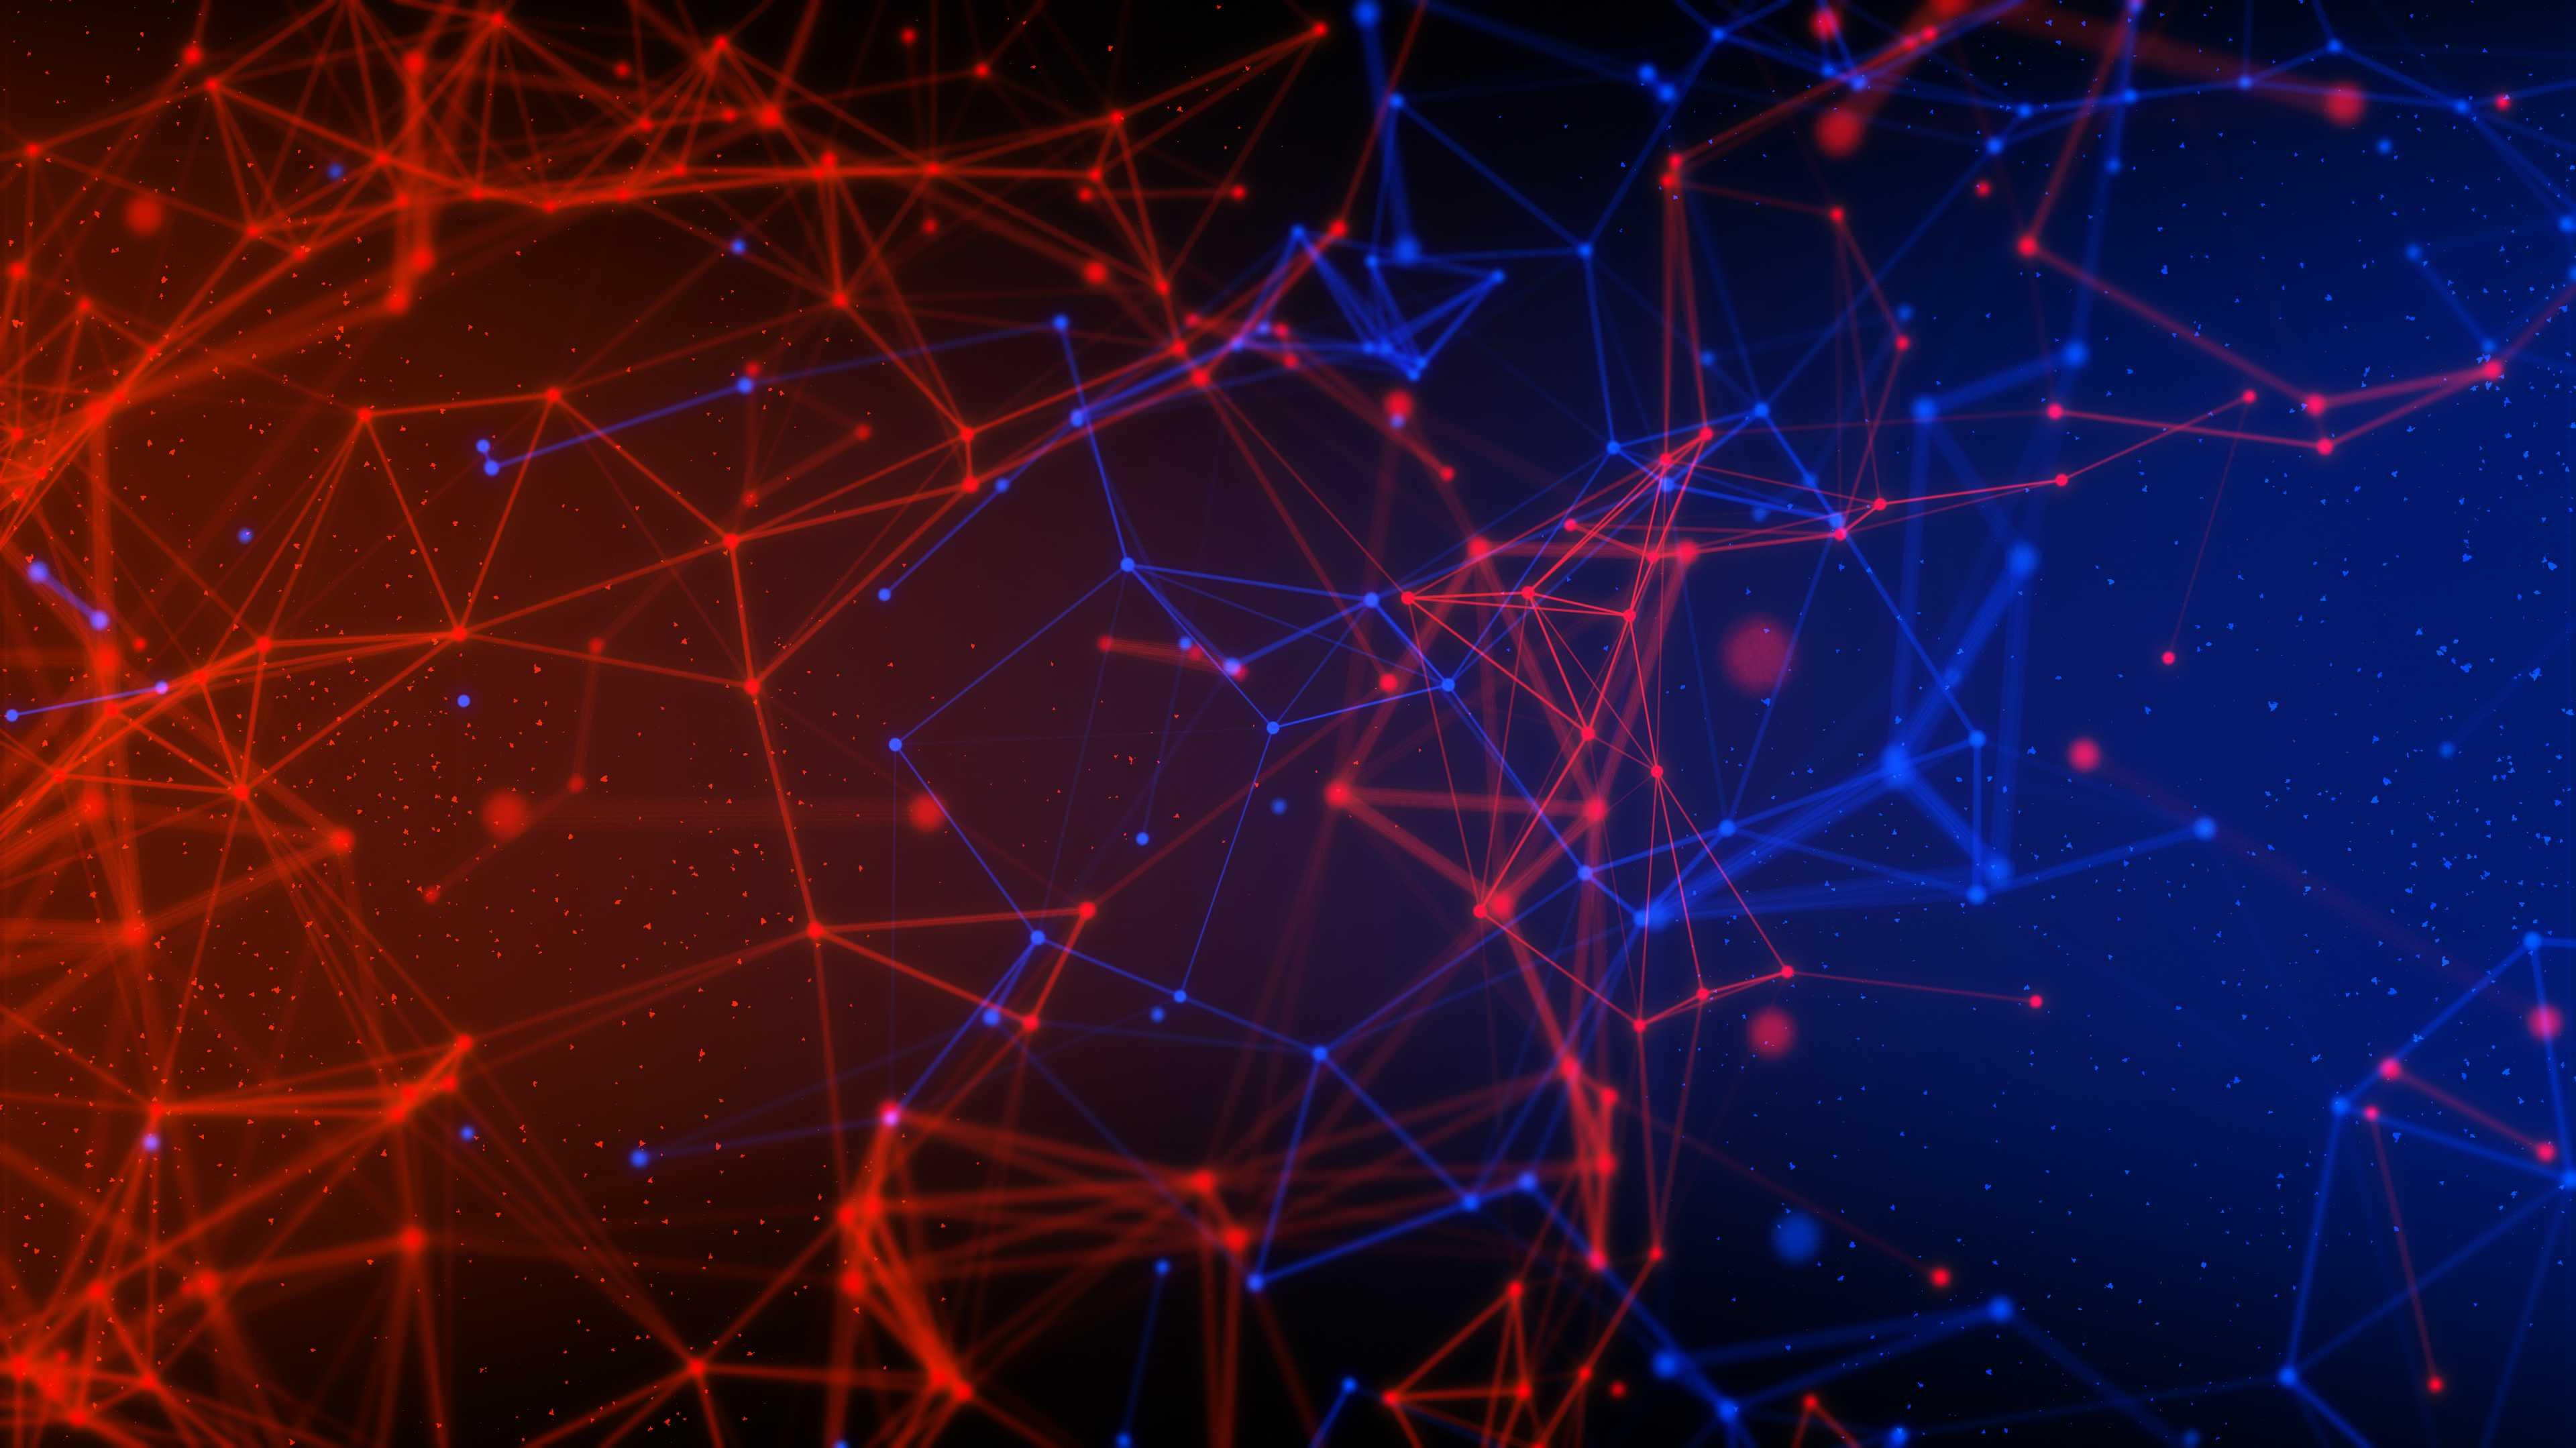 Facebook legt Code für Machine Learning Framework DETR offen